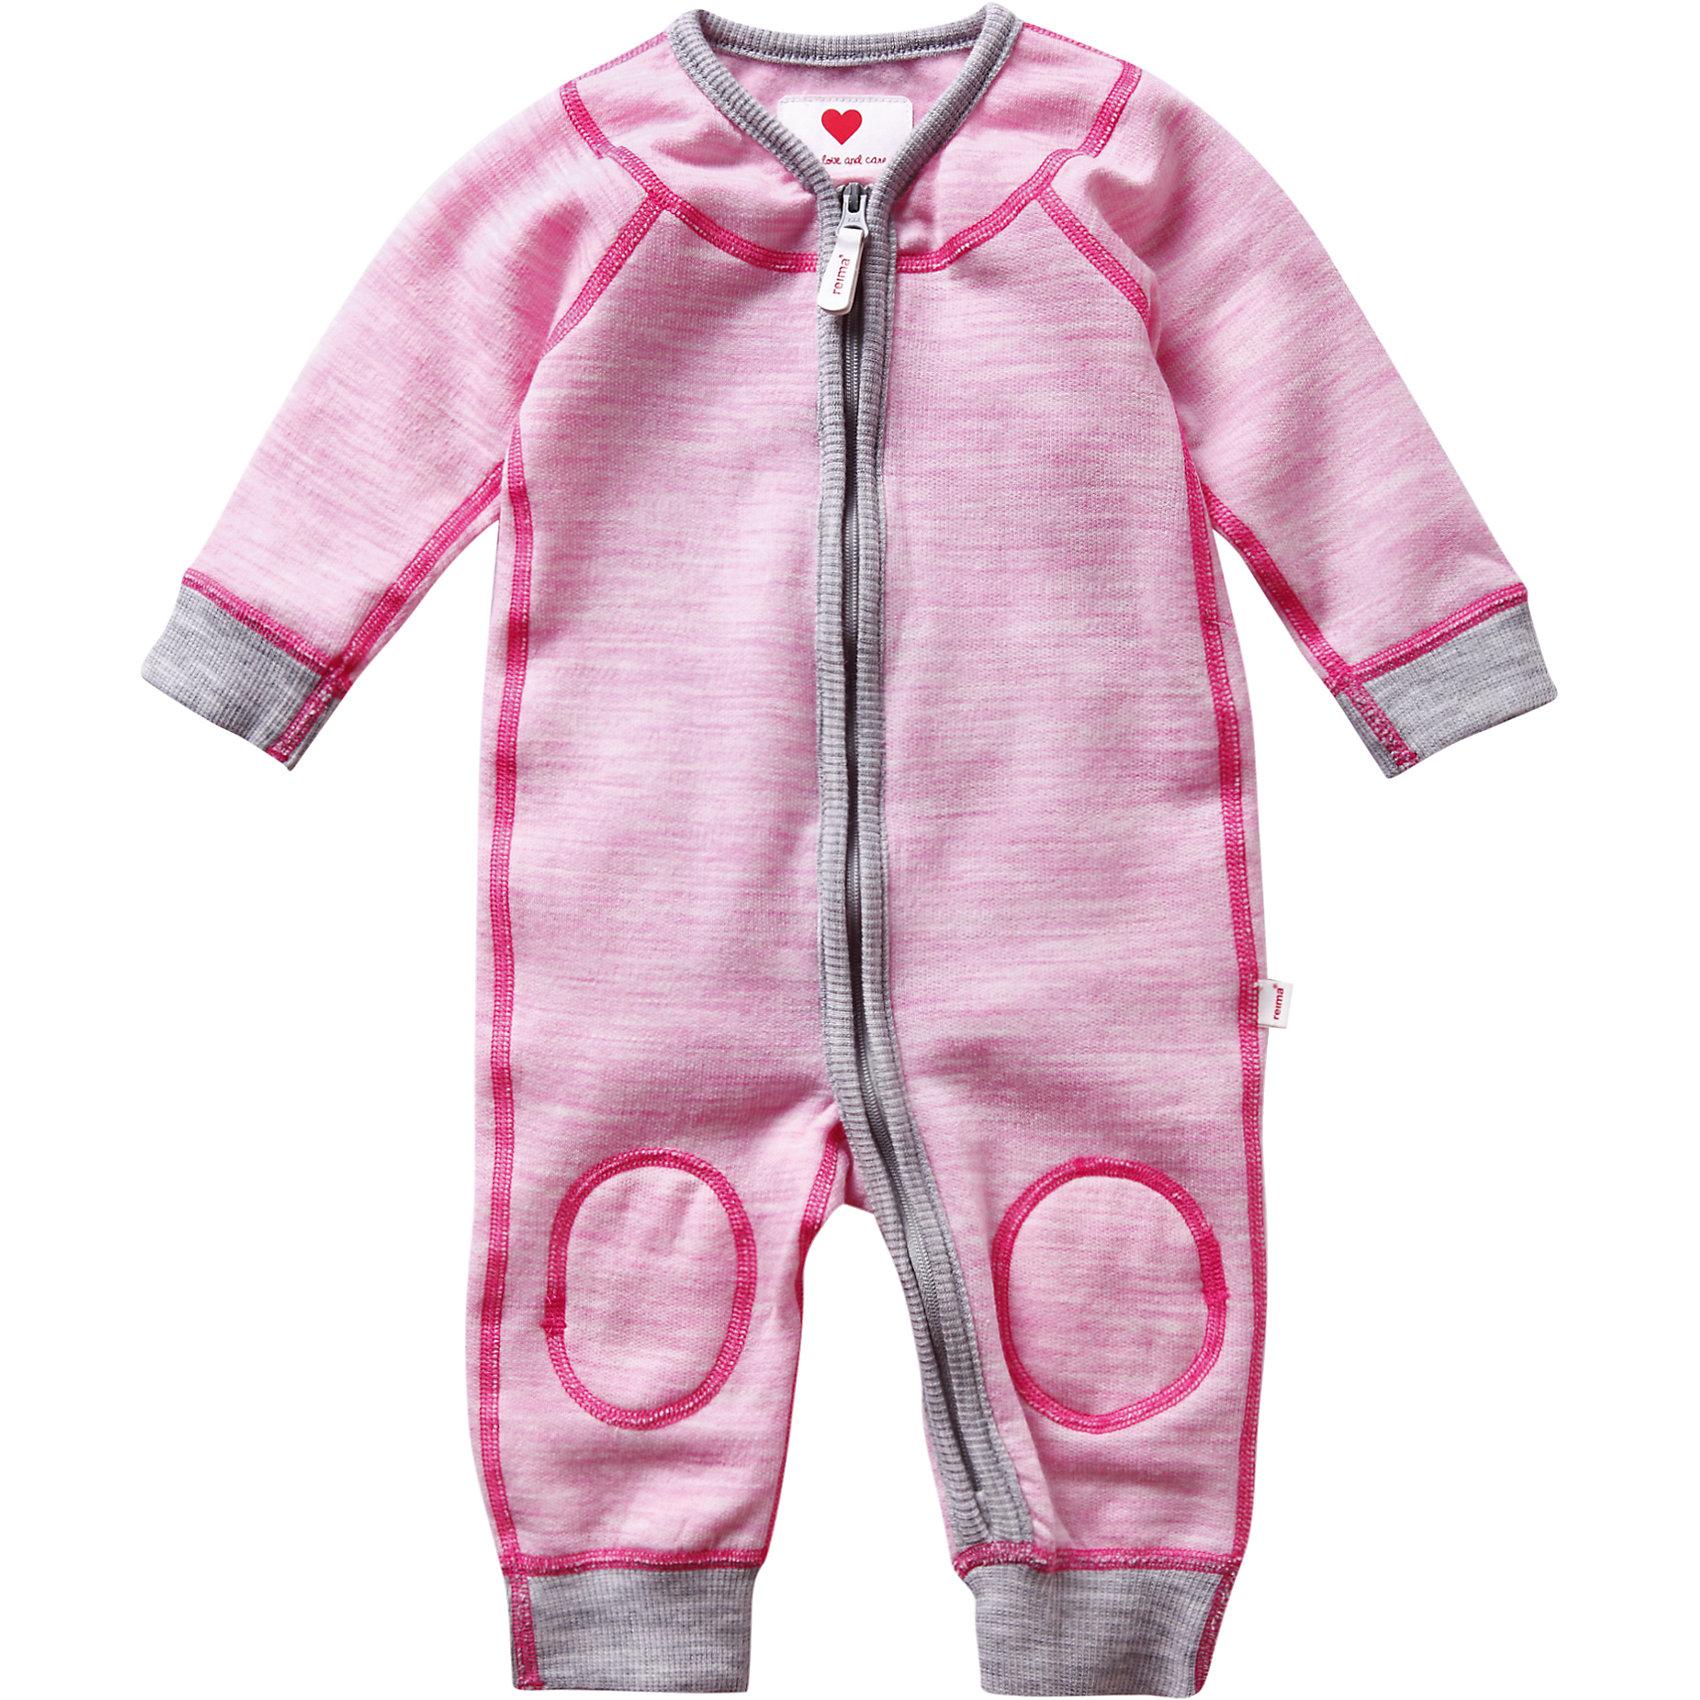 Комбинезон для девочки ReimaКомбинезоны<br>Комбинезон Reima (Рейма), розовый от известного финского производителя теплой детской одежды Reima. Выполнен из сочетания шерсти и полиэстера. Комбинезон обладает воздухопроницаемыми свойствами и позволяет обеспечивать оптимальную температуру.  Все швы на комбинезоне выполнены плоскими и наружными; спереди имеется удлиненная застежка-молния. У рукавов и штанин предусмотрены отворачивающиеся манжеты, что позволит увеличить размер изделия. Комбинезон выполнен в розовом цвете, манжеты на рукавах и штанинах – серые. Комбинезон можно использовать как в качестве отдельного варианта одежды, так и в качестве промежуточного слоя в холодное время года.<br><br>Дополнительная информация:<br><br>- Предназначение: повседневная одежда<br>- Цвет: розовый, серый<br>- Пол: для девочки<br>- Состав: 80% шерсть, 20% полиэстер<br>- Сезон: круглый год<br>- Особенности ухода: машинная стирка при температуре от 30 градусов, глажение<br><br>Подробнее:<br><br>• Для детей в возрасте: от 0 месяцев лет и до 1 месяца<br>• Страна производитель: Китай<br>• Торговый бренд: Reima, Финляндия<br><br>Комбинезон Reima (Рейма), розовый можно купить в нашем интернет-магазине.<br><br>Ширина мм: 215<br>Глубина мм: 88<br>Высота мм: 191<br>Вес г: 336<br>Возраст от месяцев: 0<br>Возраст до месяцев: 1<br>Пол: Женский<br>Возраст: Детский<br>Размер: 50,56<br>SKU: 4863956